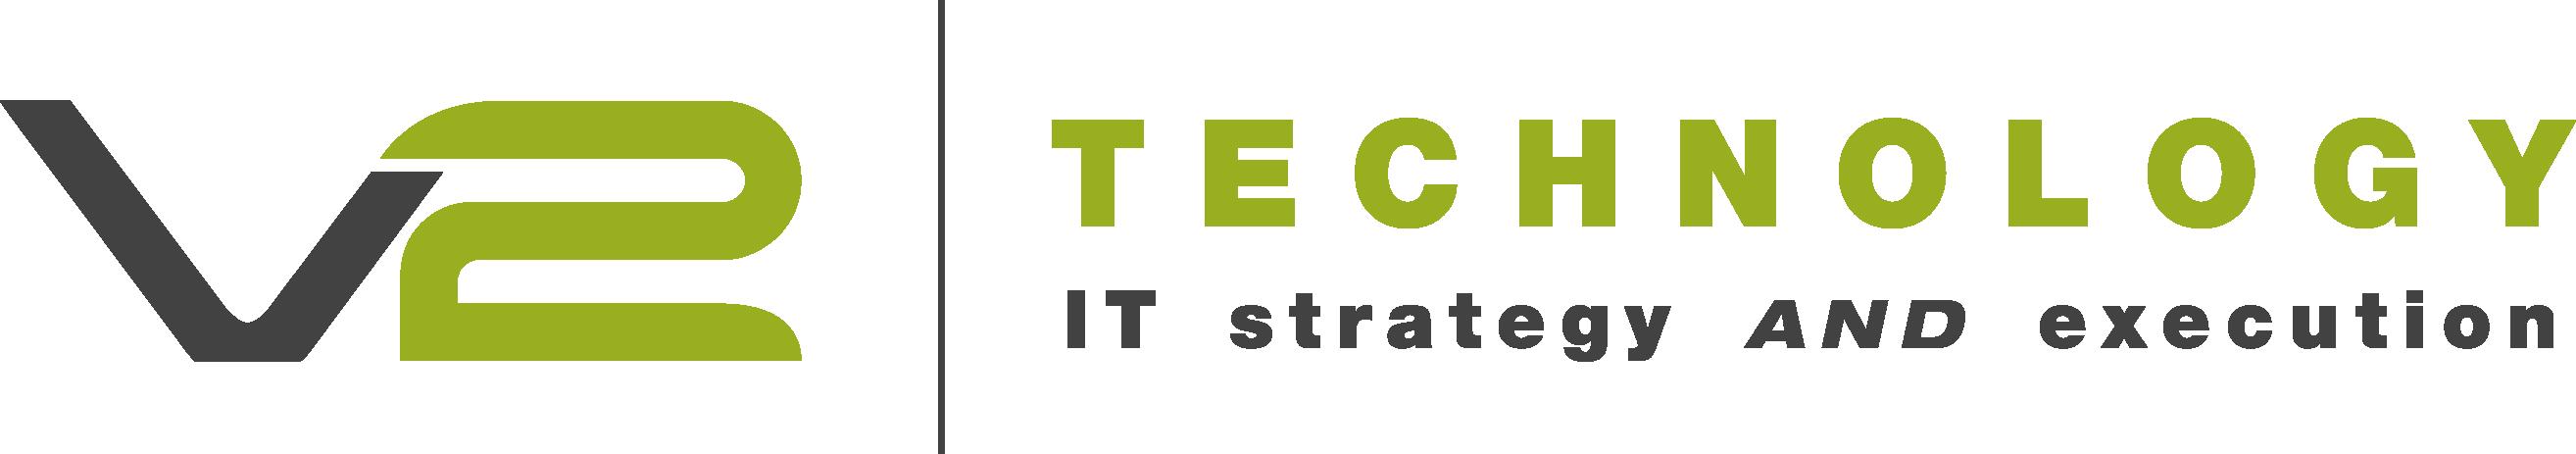 V2_Technology Logo